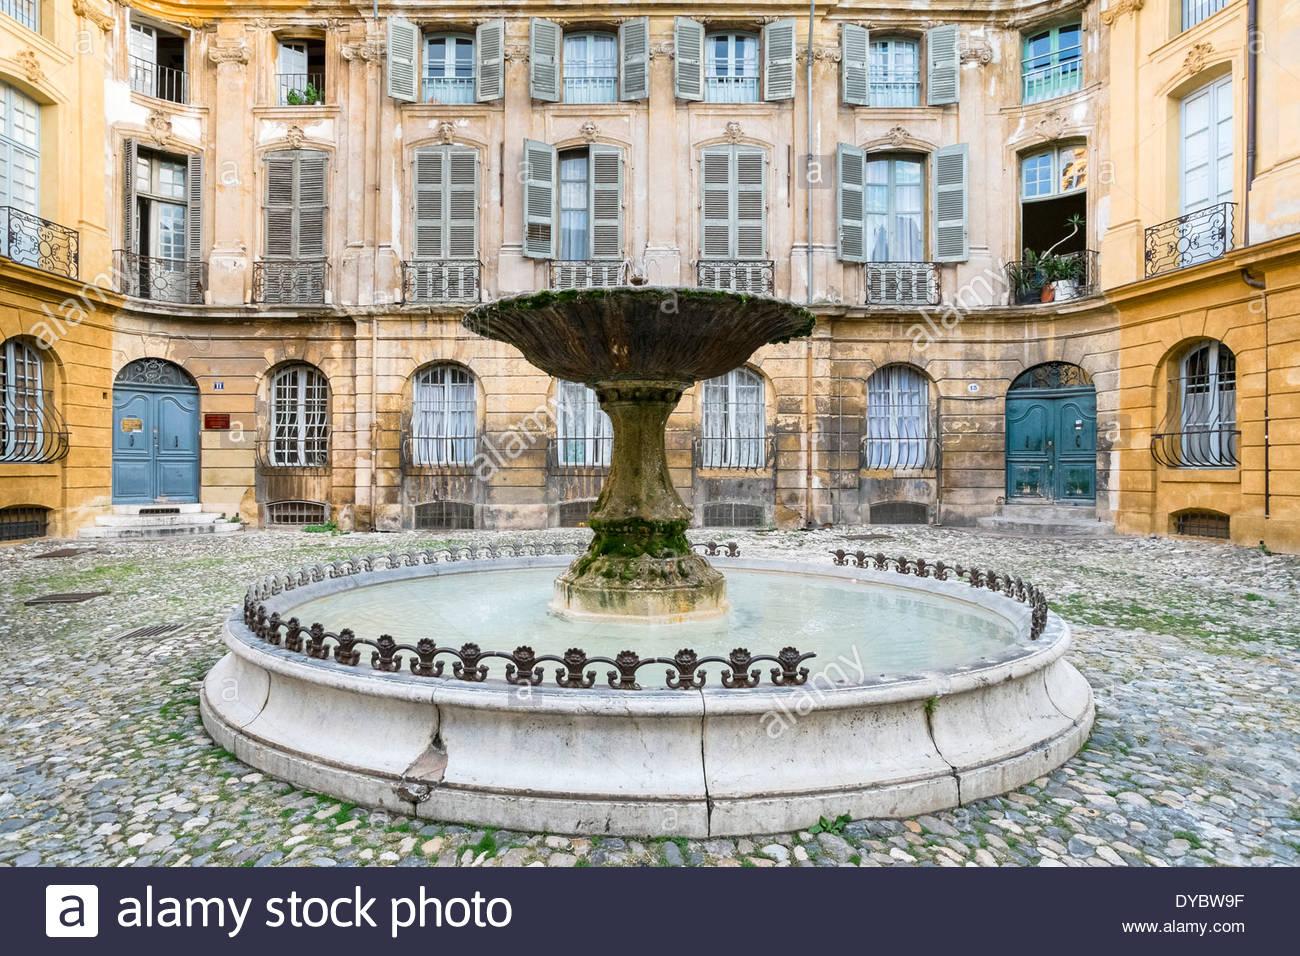 Fountain on Place Albertas, Aix-en-Provence, Bouches-du-Rhône, Provence-Alpes-Côte d'Azur, France - Stock Image